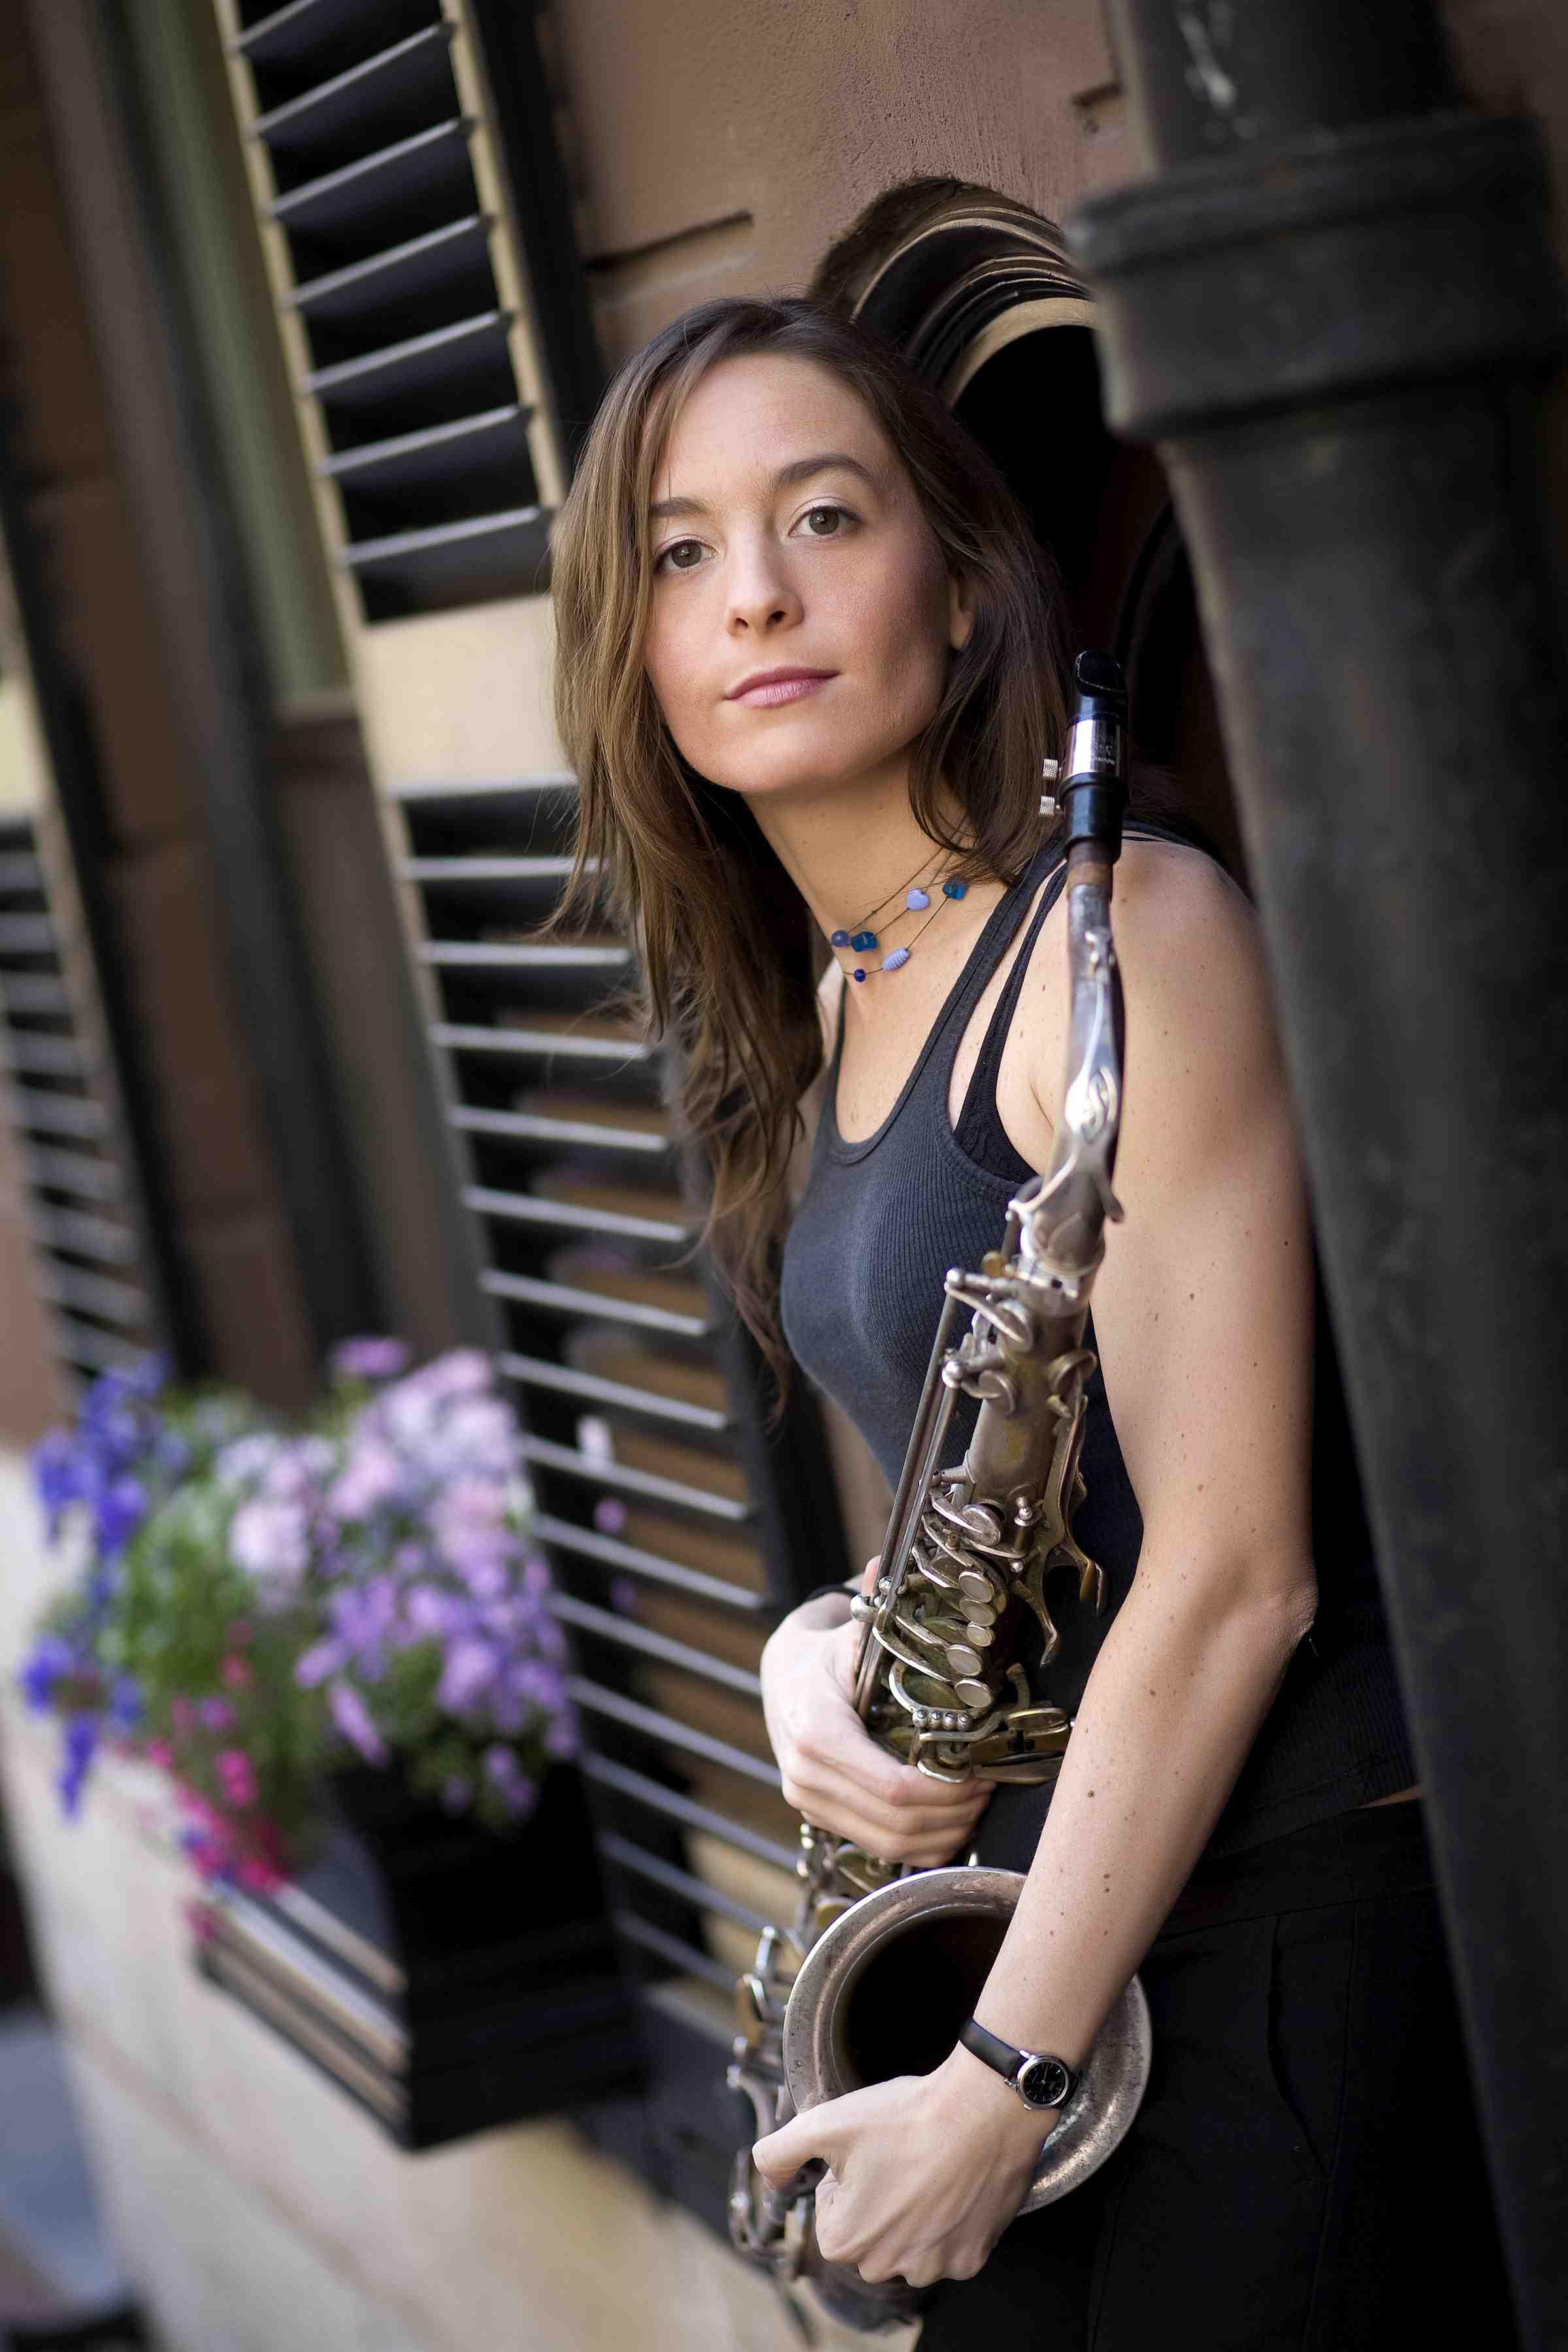 FLORENCIA GONZALEZ picture